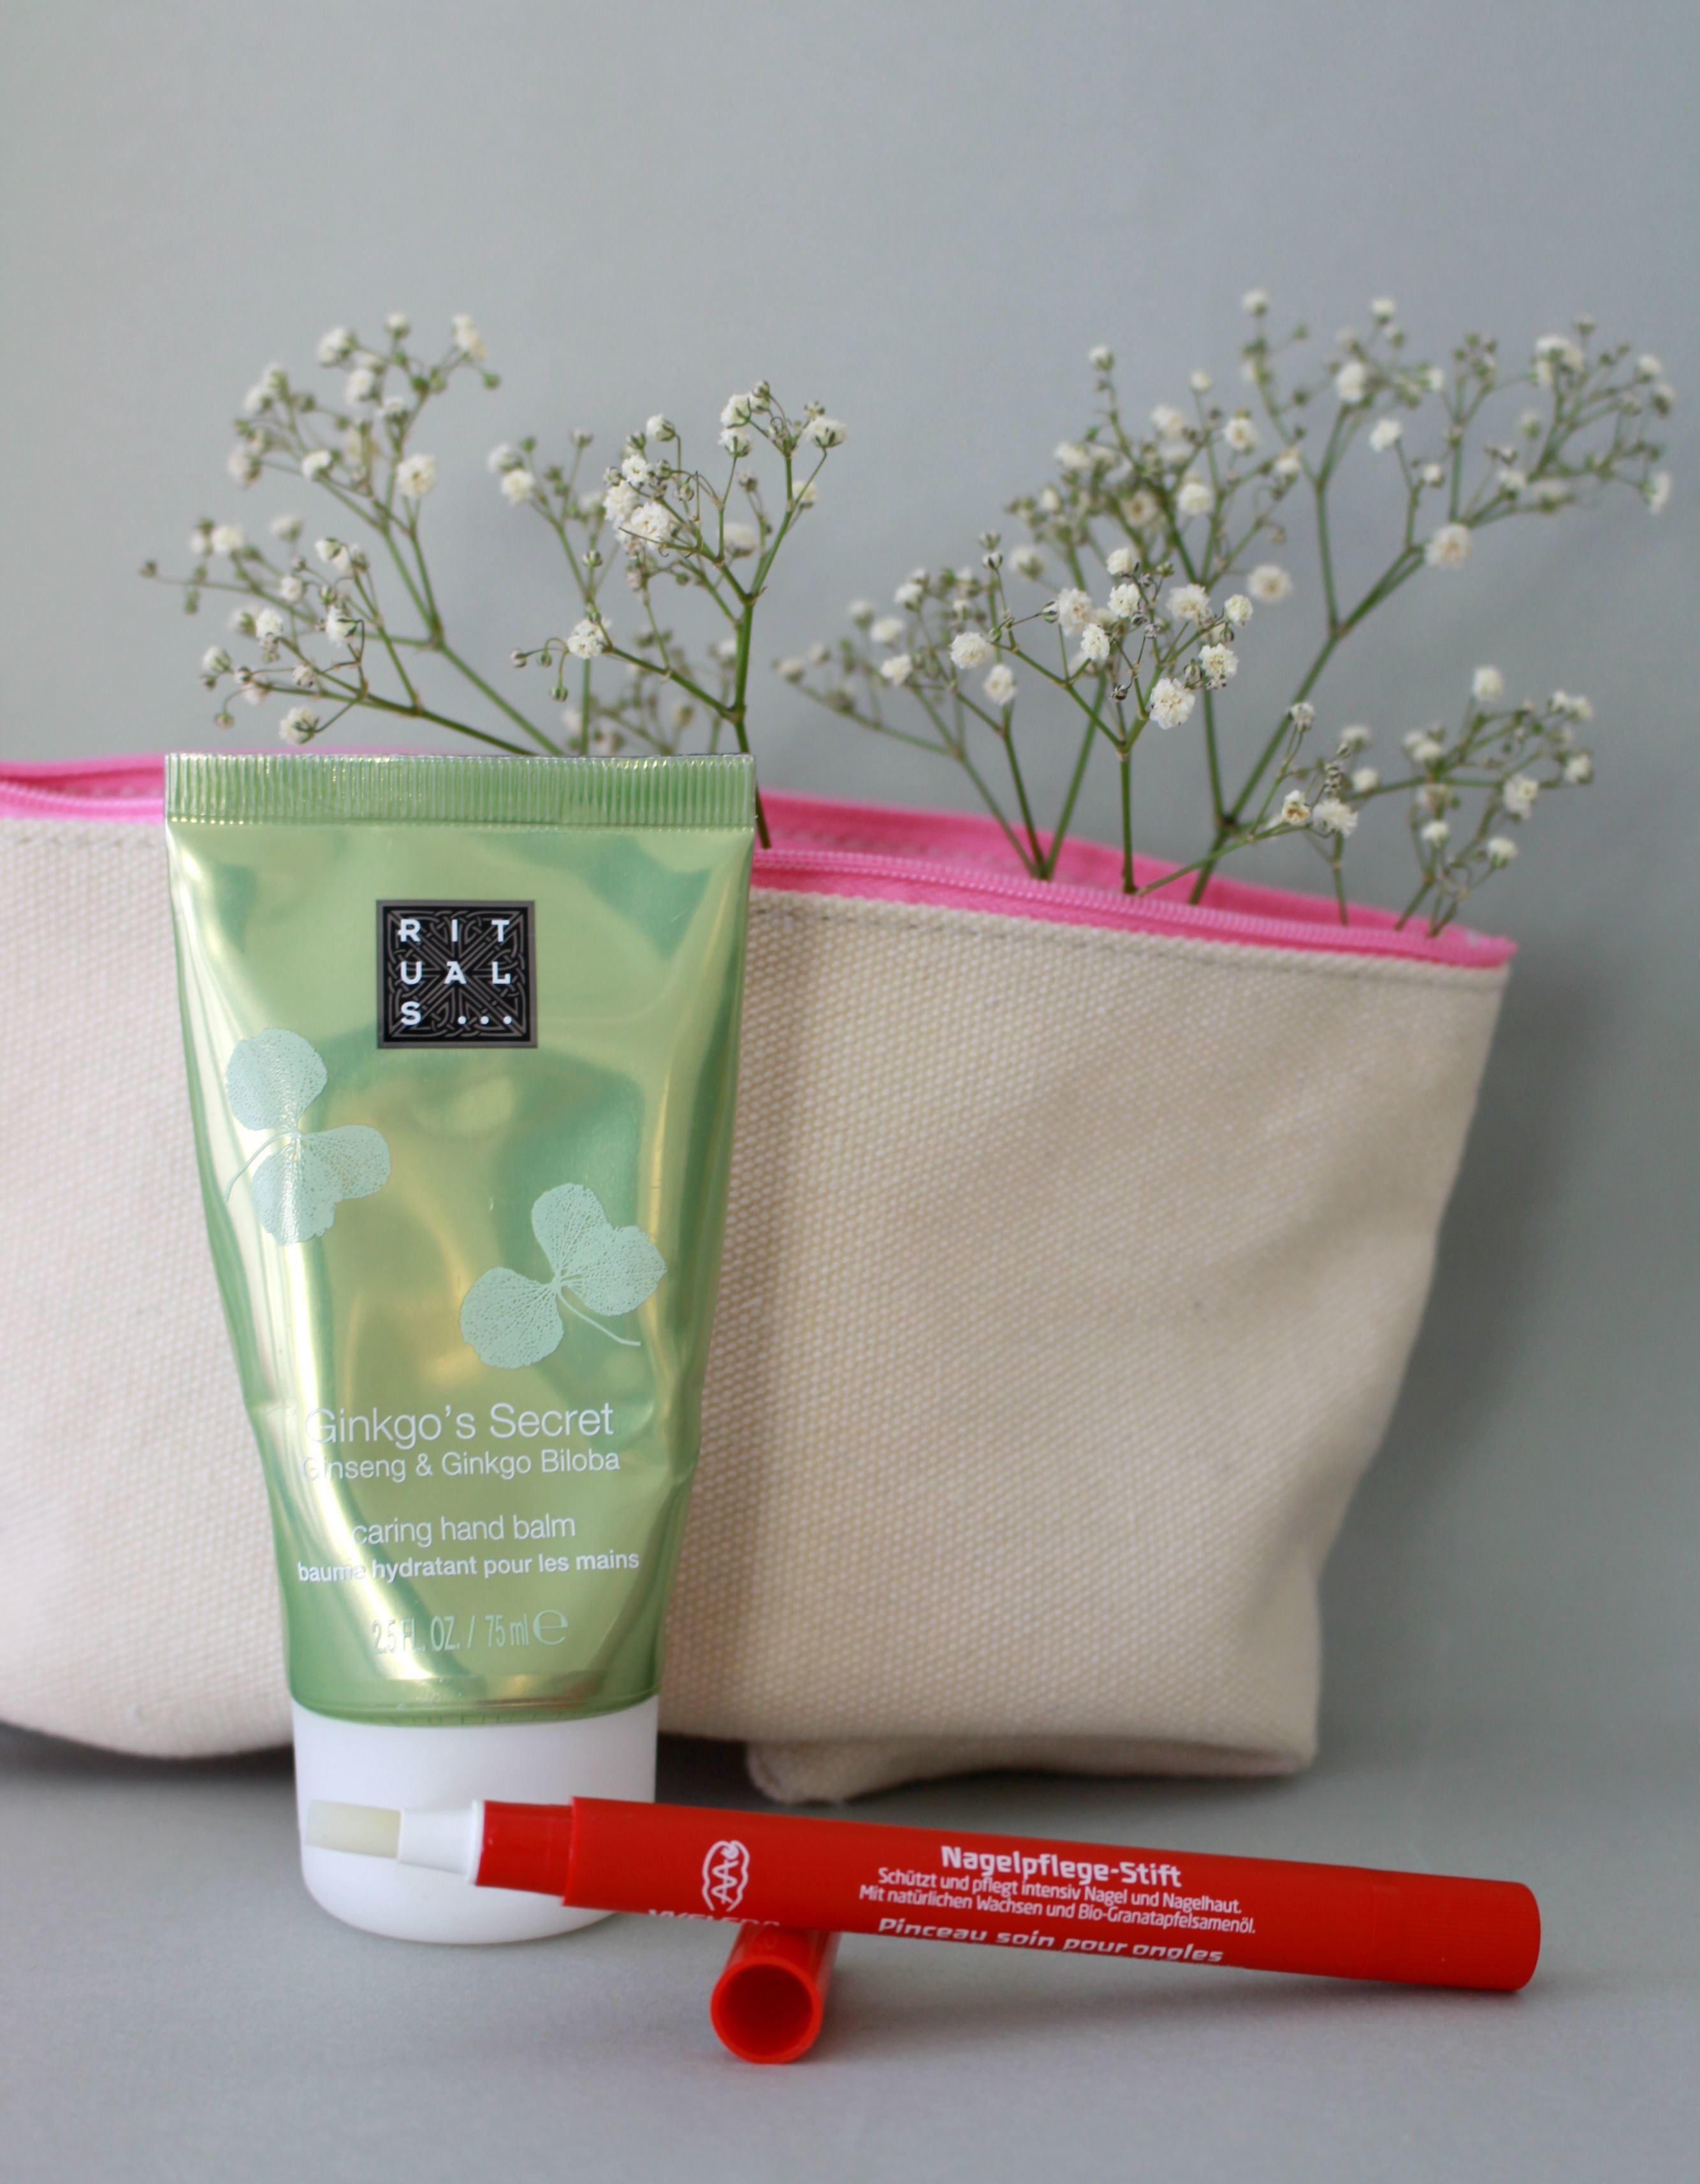 Handcreme-und-Nagelpflegestift-gehören-im-Winter-in-jede-Handtasche